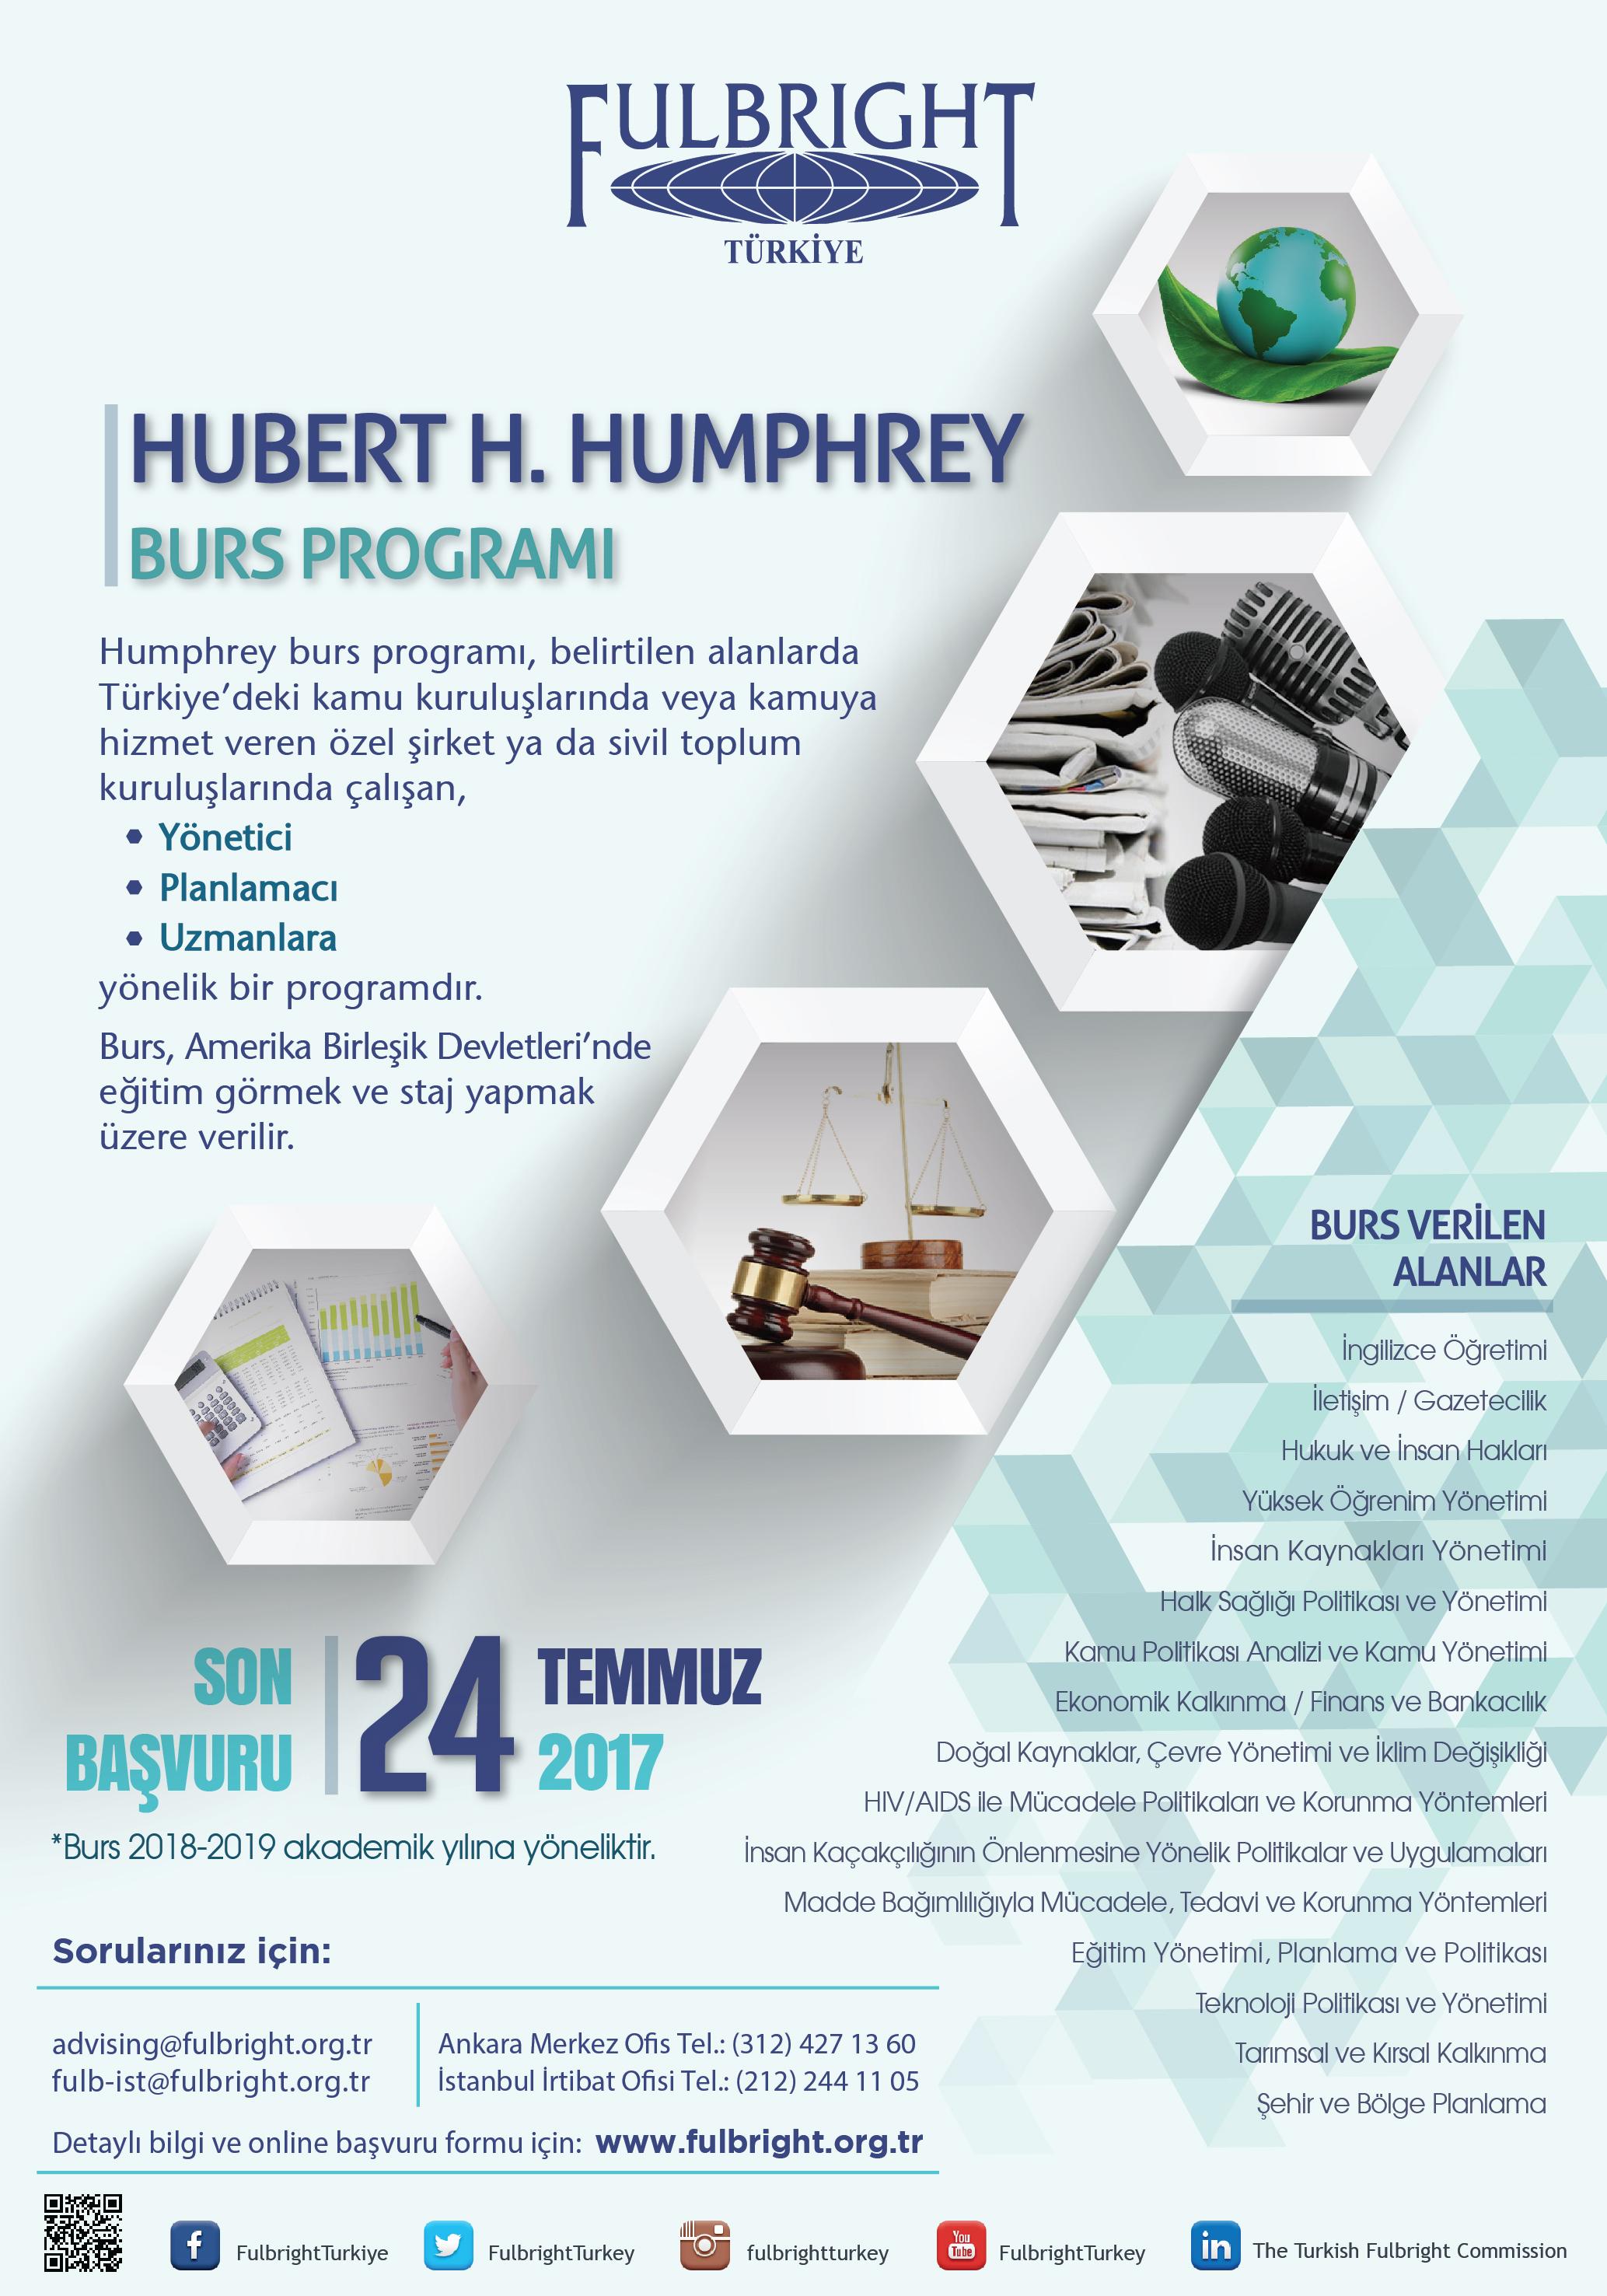 Hubert H. Humphrey Burs Programı